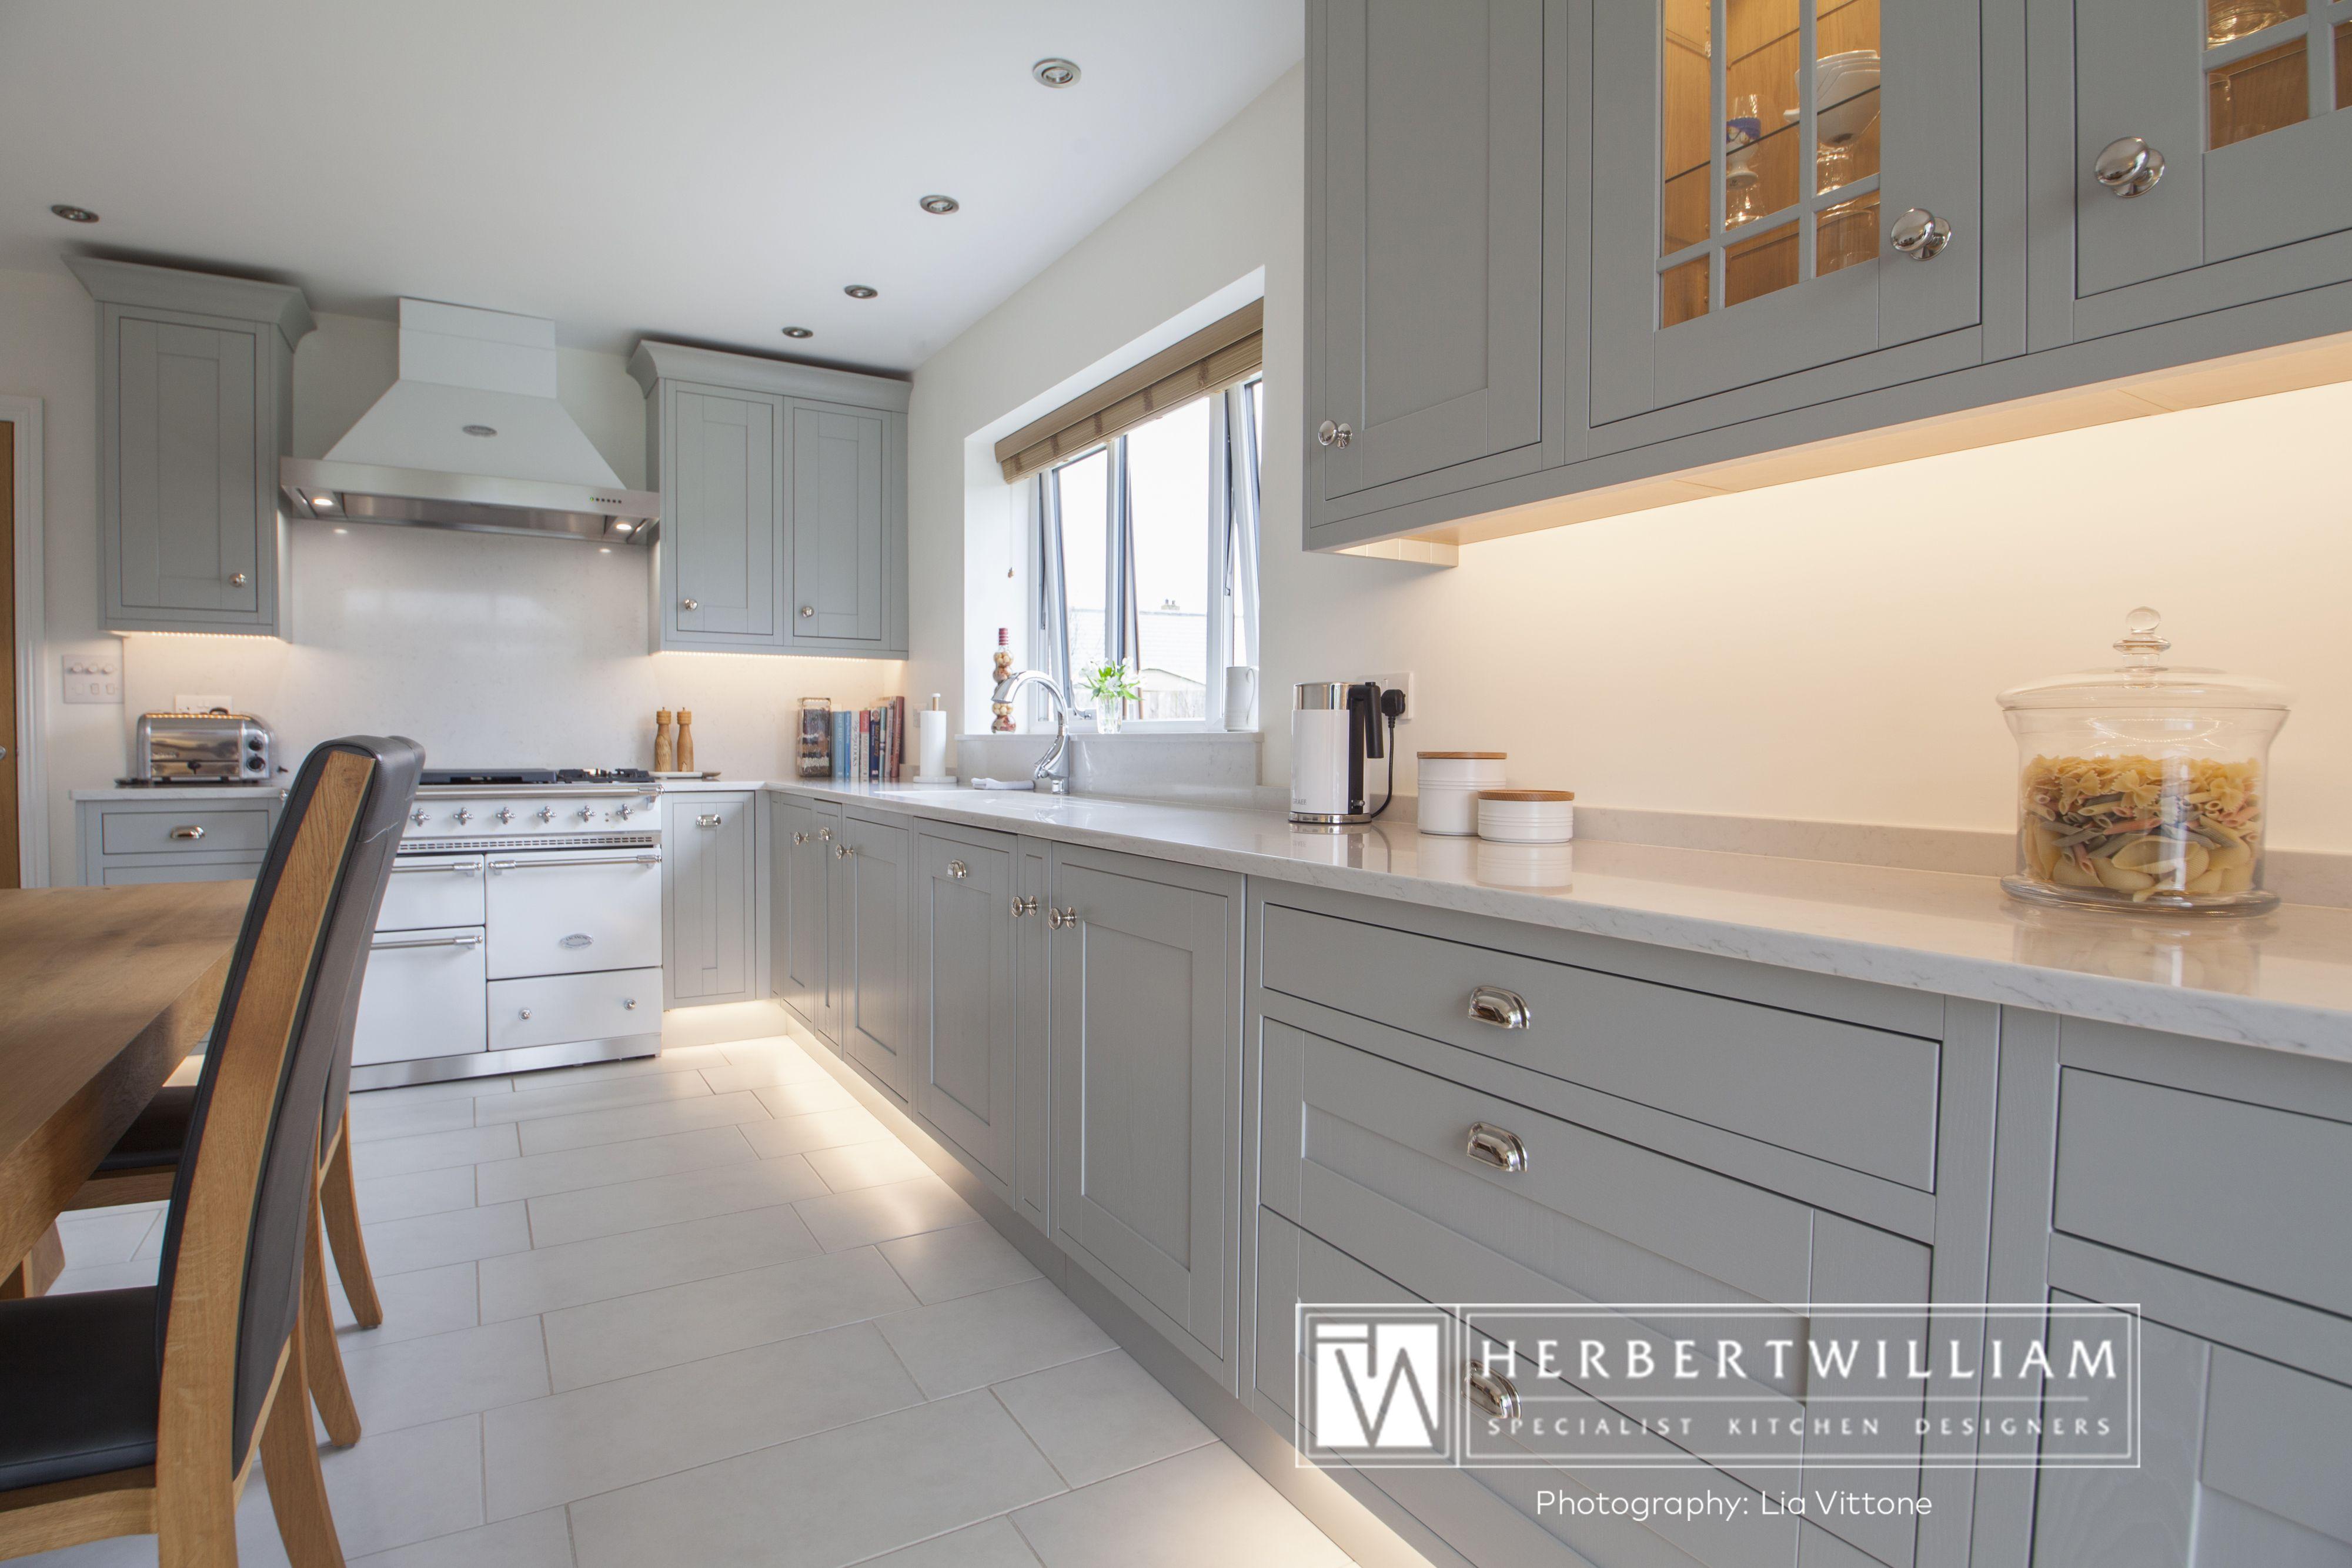 Light Grey Shaker Kitchen Design by Herbert William Kitchen ...